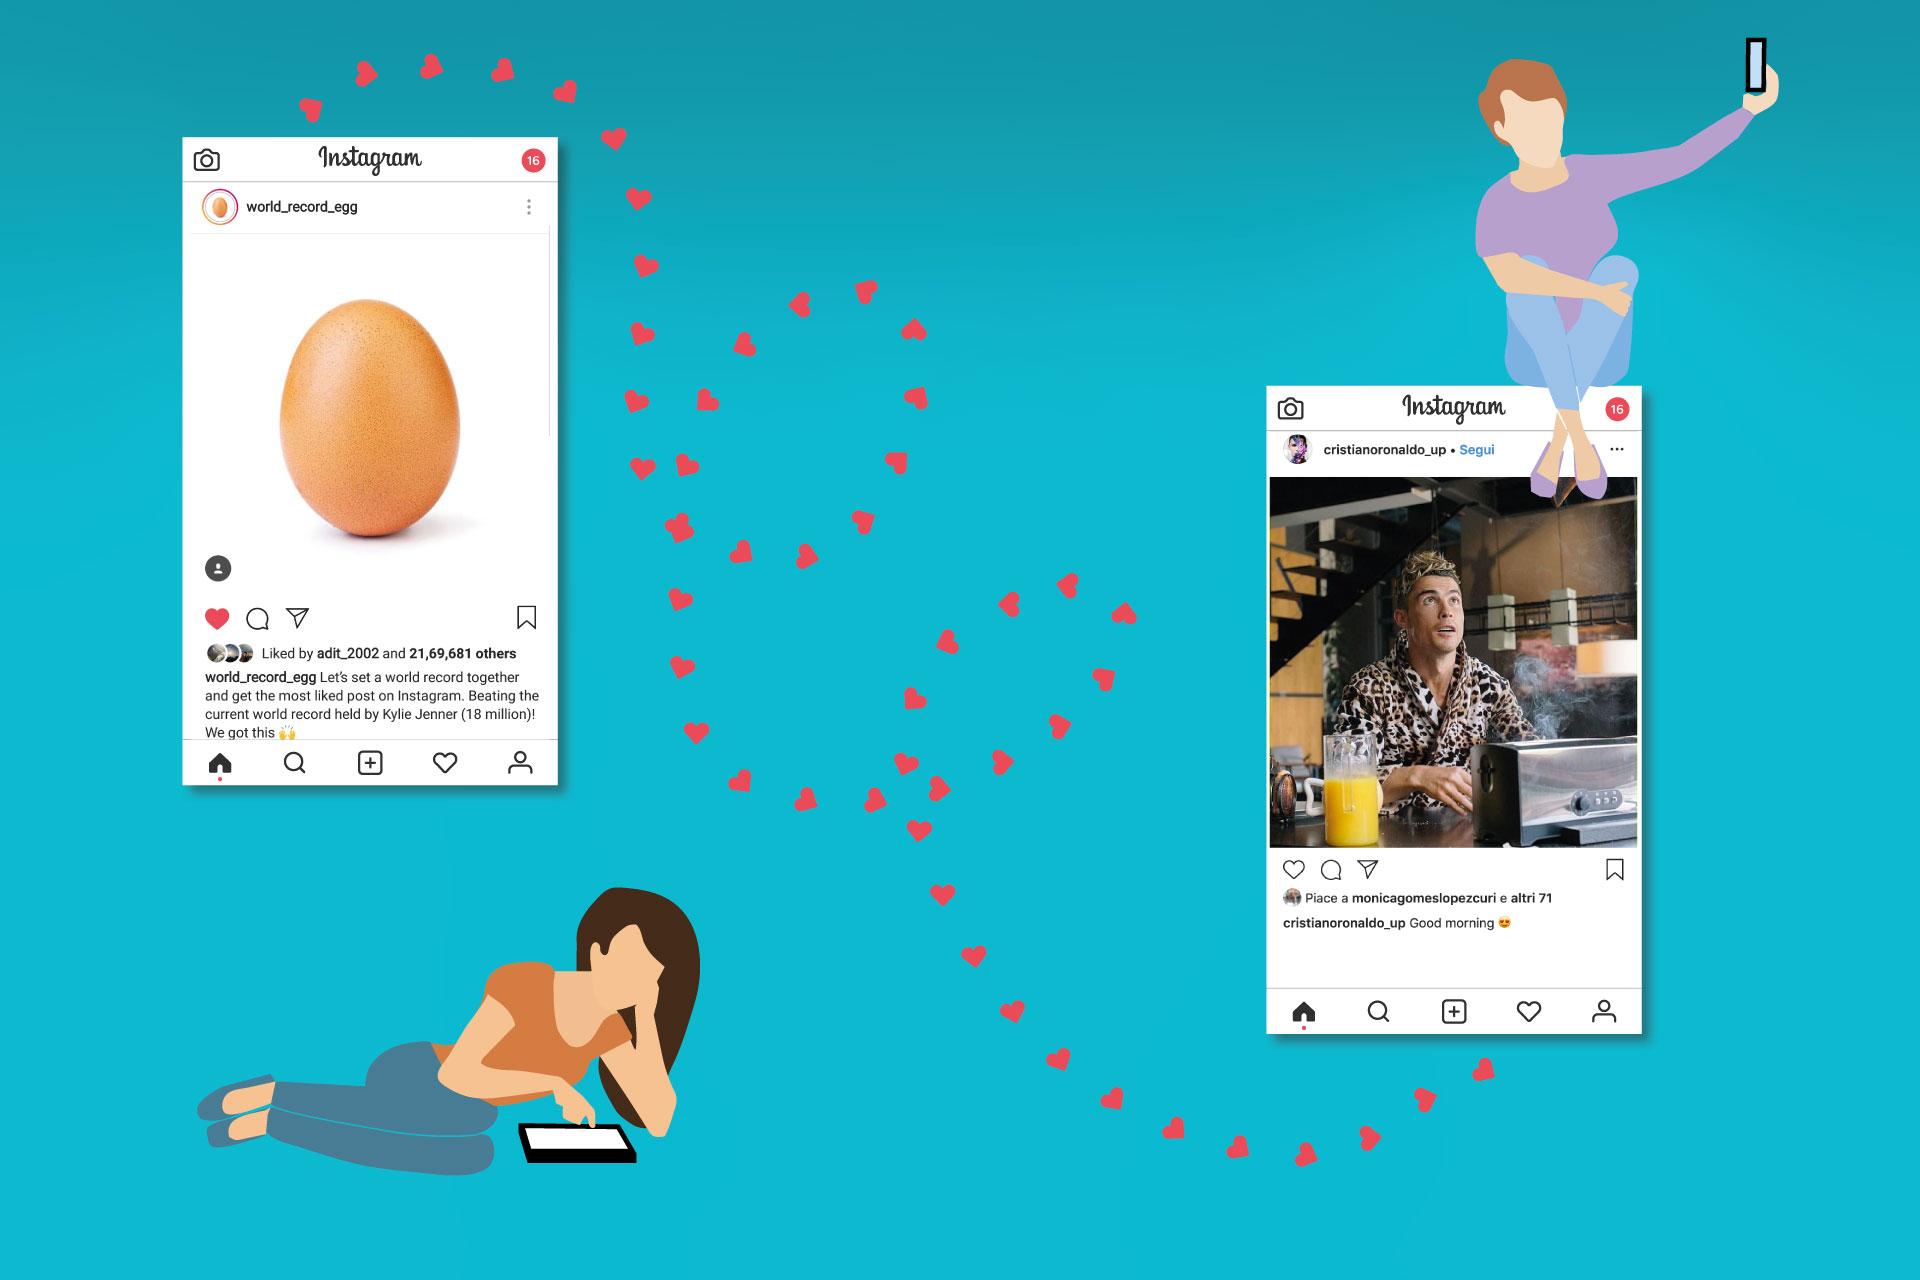 instagram-toglie-i-like-quali-sono-le-conseguenze-lv-design-realizzazione-siti-web-bologna